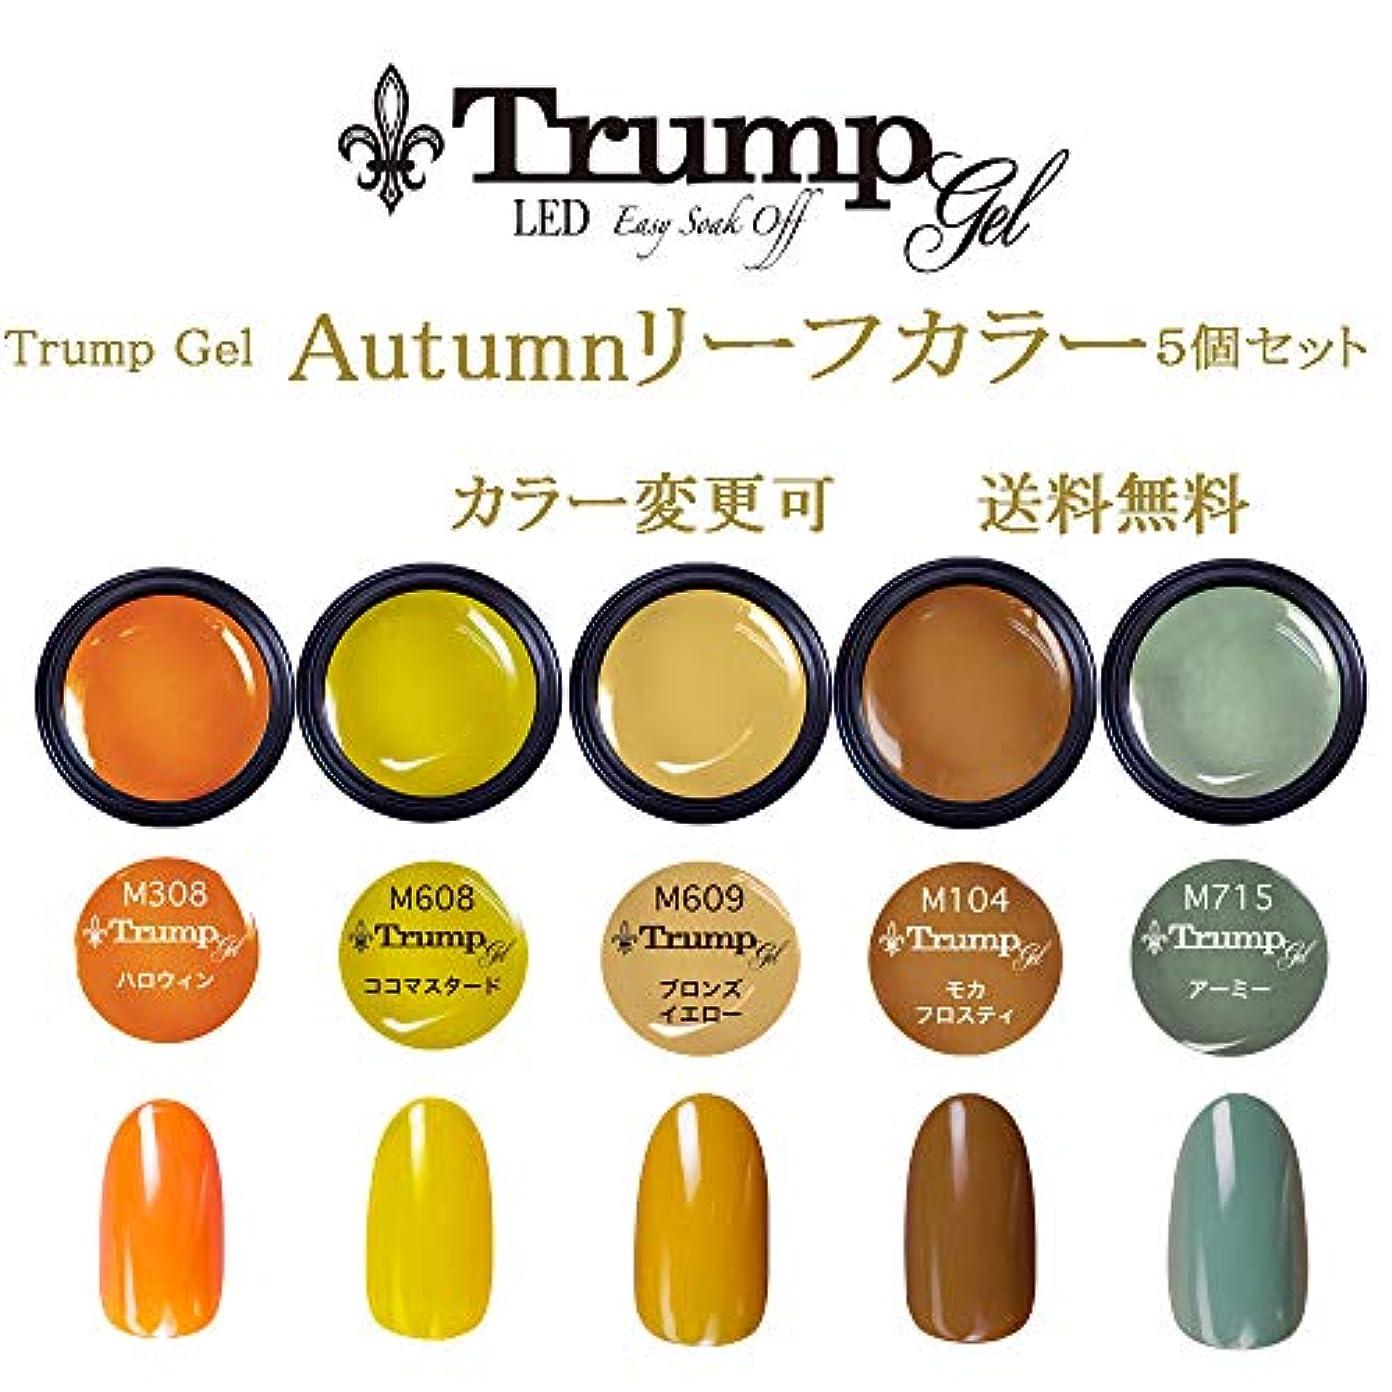 びっくりビクターメイド【送料無料】日本製 Trump gel トランプジェル オータムリーフカラー 選べる カラージェル 5個セット オータムネイル ベージュ ブラウン マスタード カラー